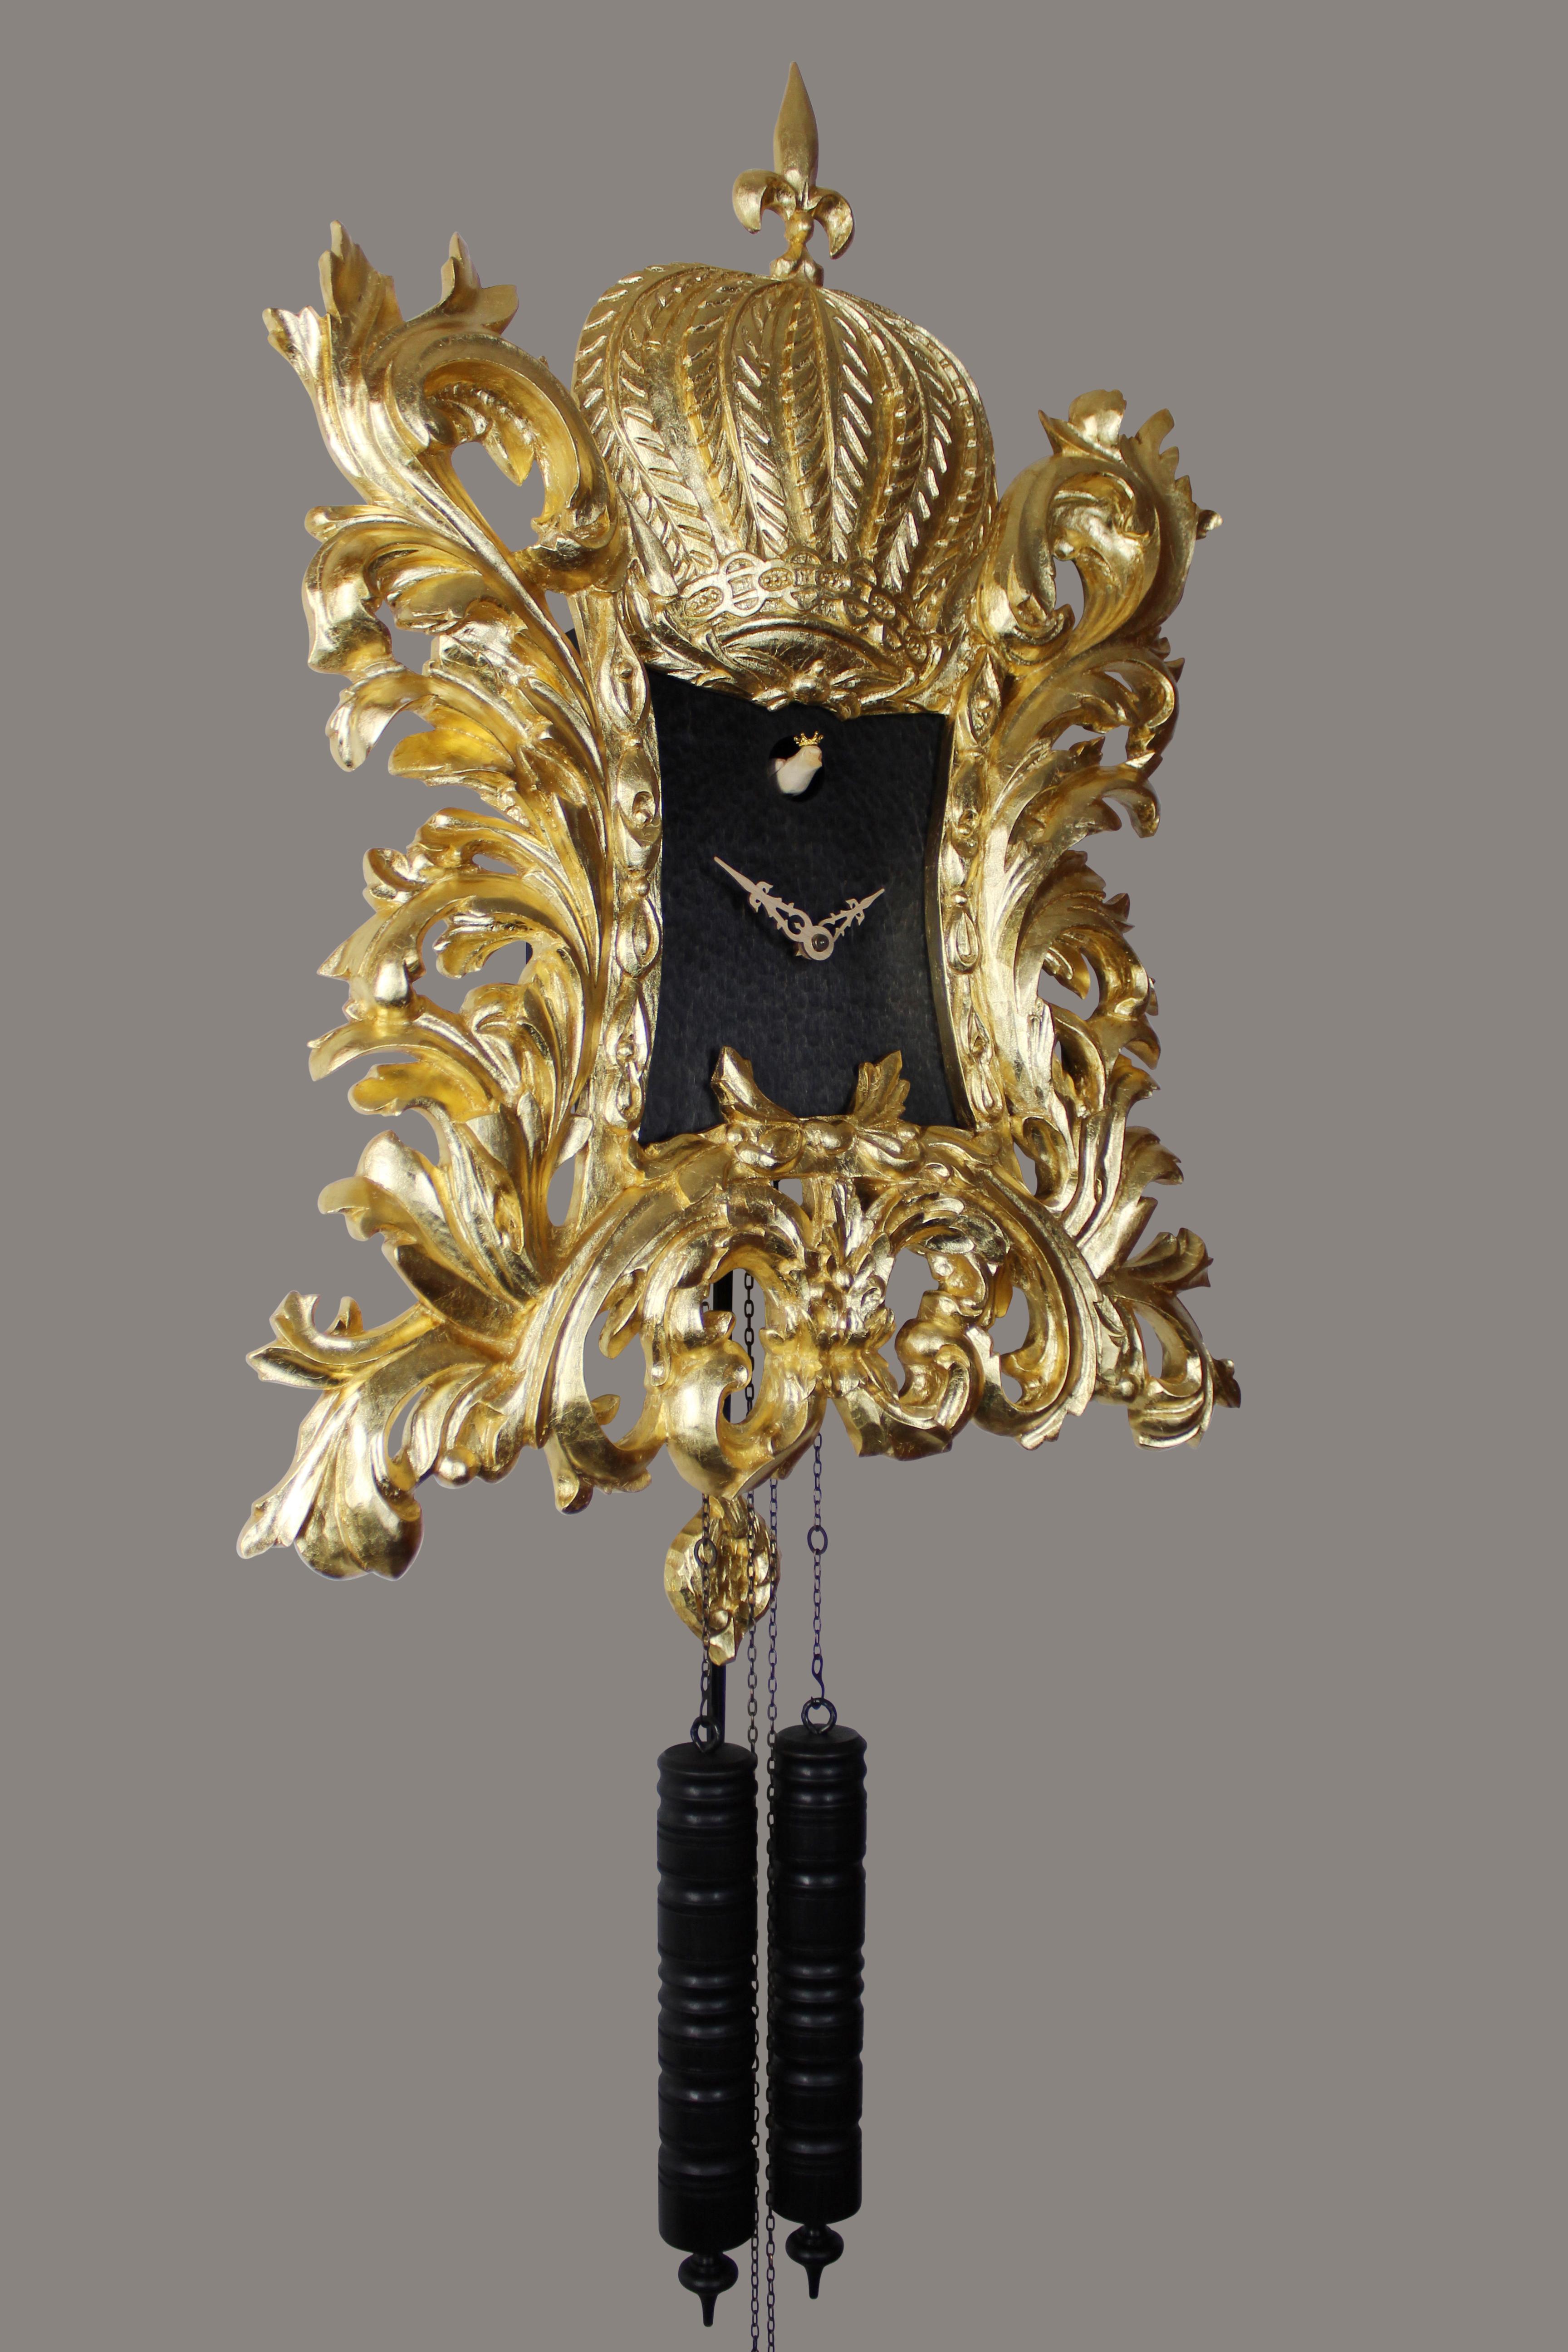 22K gold-plated Pompöös Cuckoo clock designed by Harald Glööckler